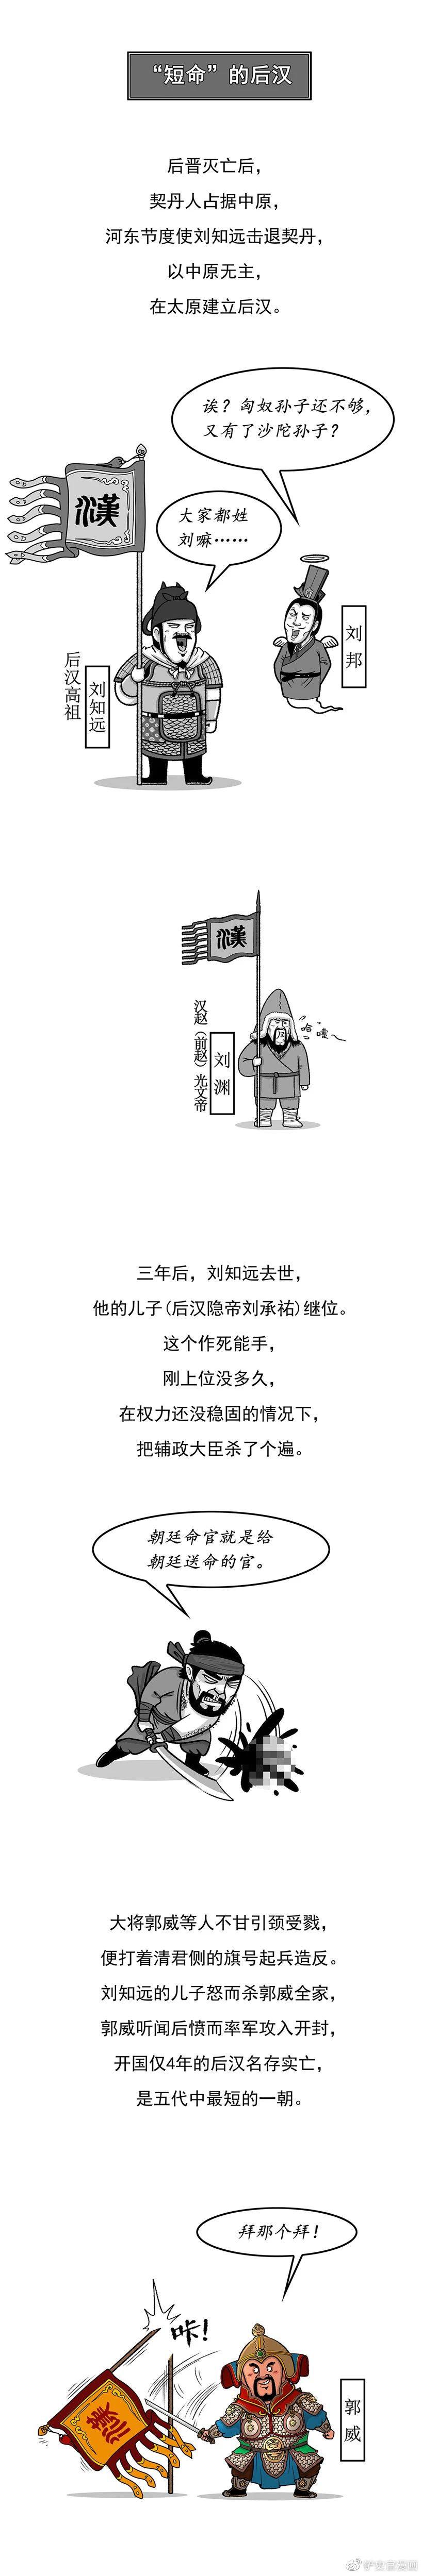 五代十国|唐宋之间的低谷,为啥会乱成一锅粥?